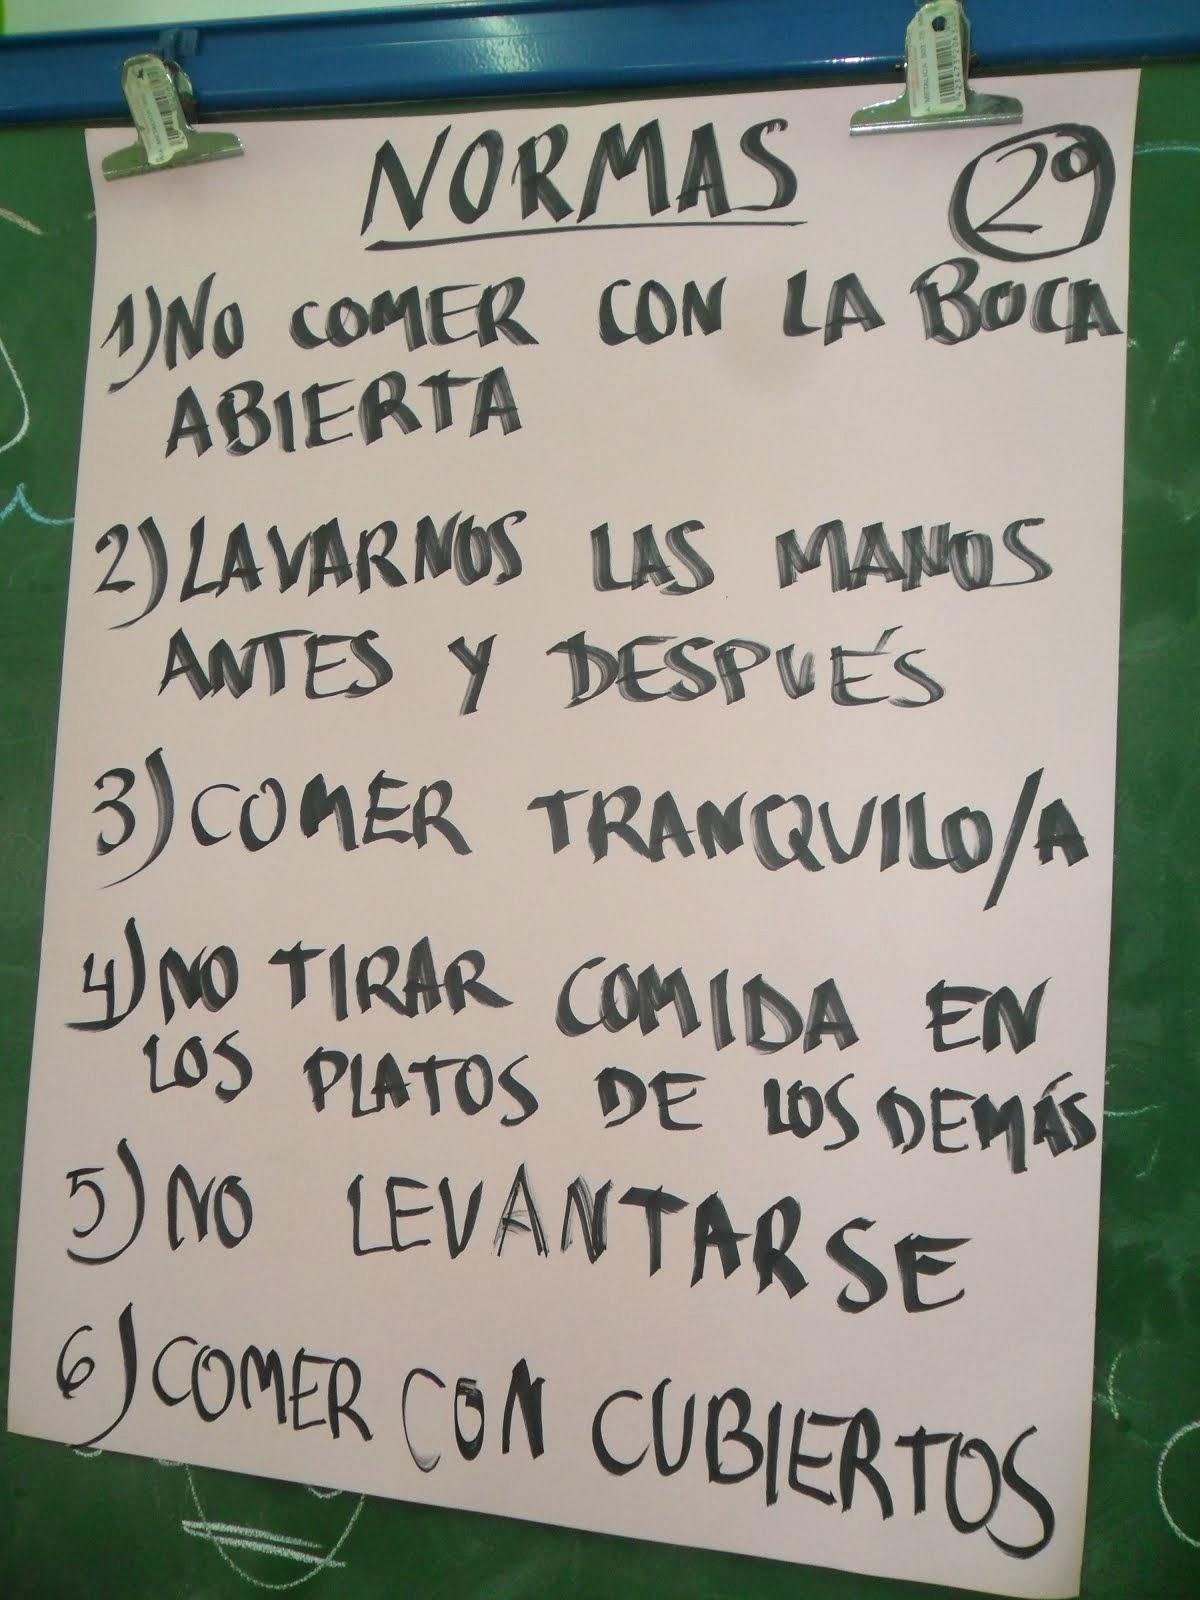 NORMAS PARA EL COMEDOR